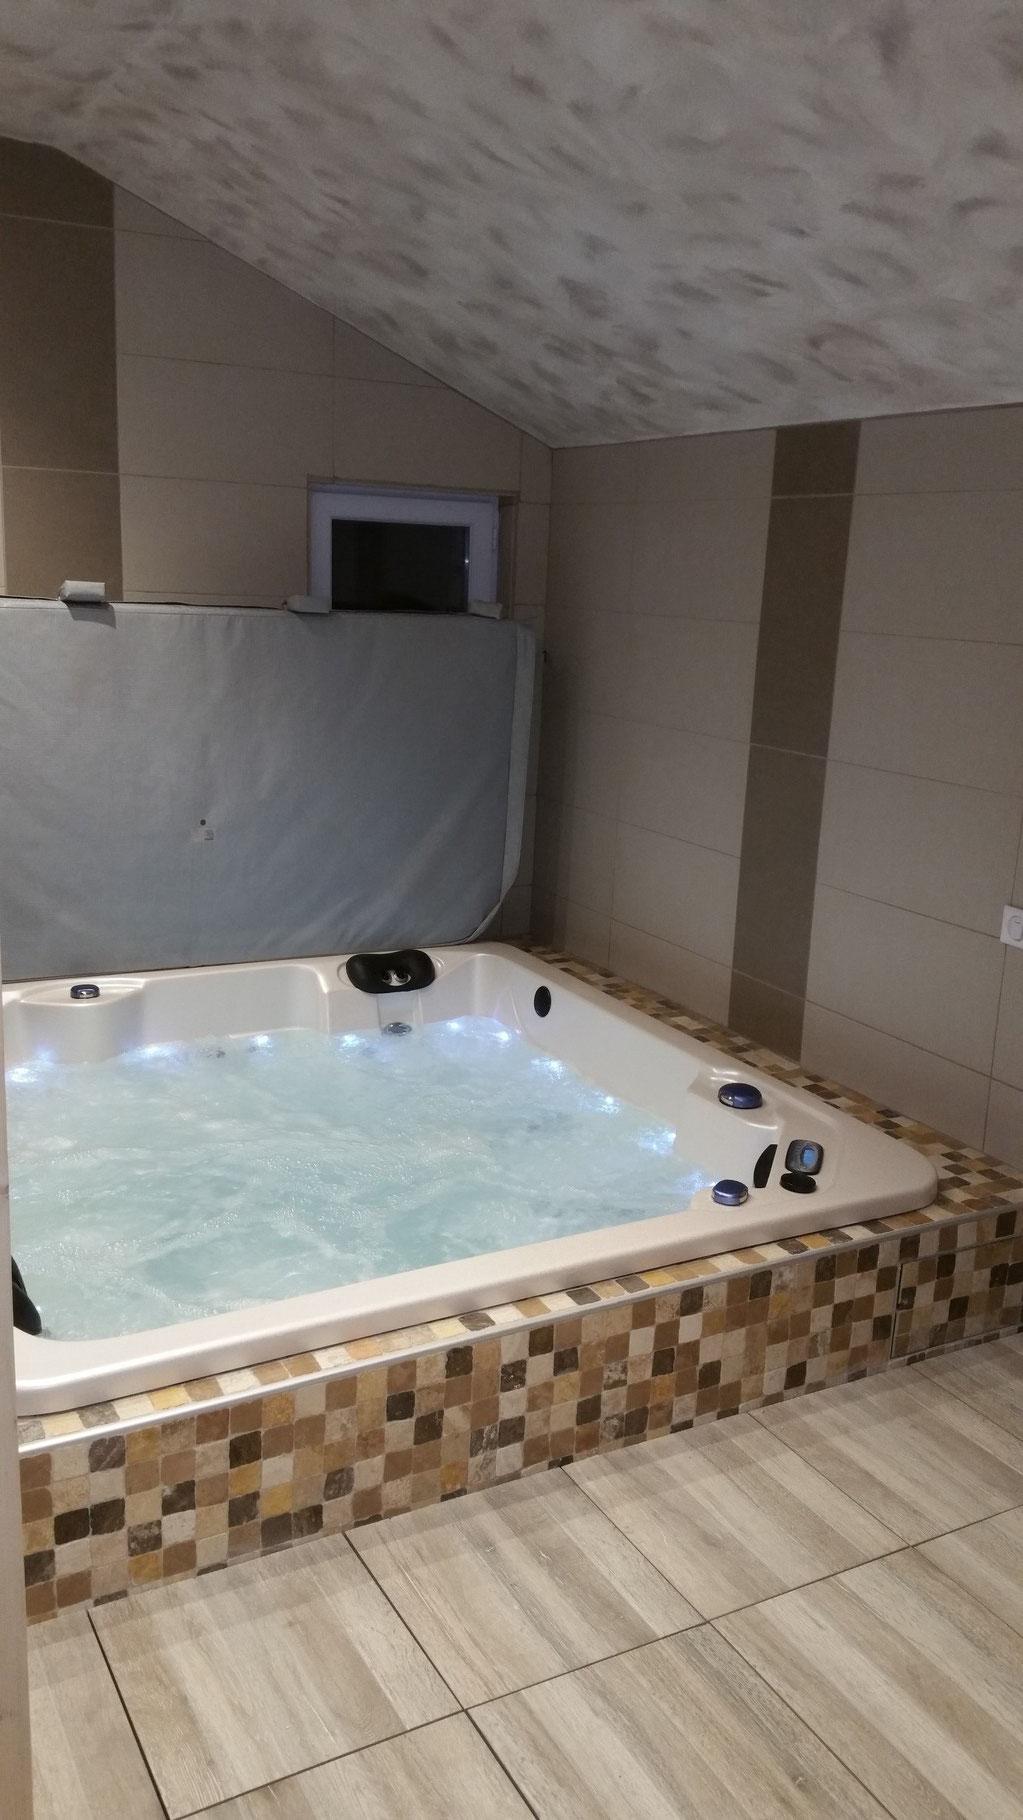 Spa infini-spa 5 places semi-enterré avec filtration déportée et traitement UV